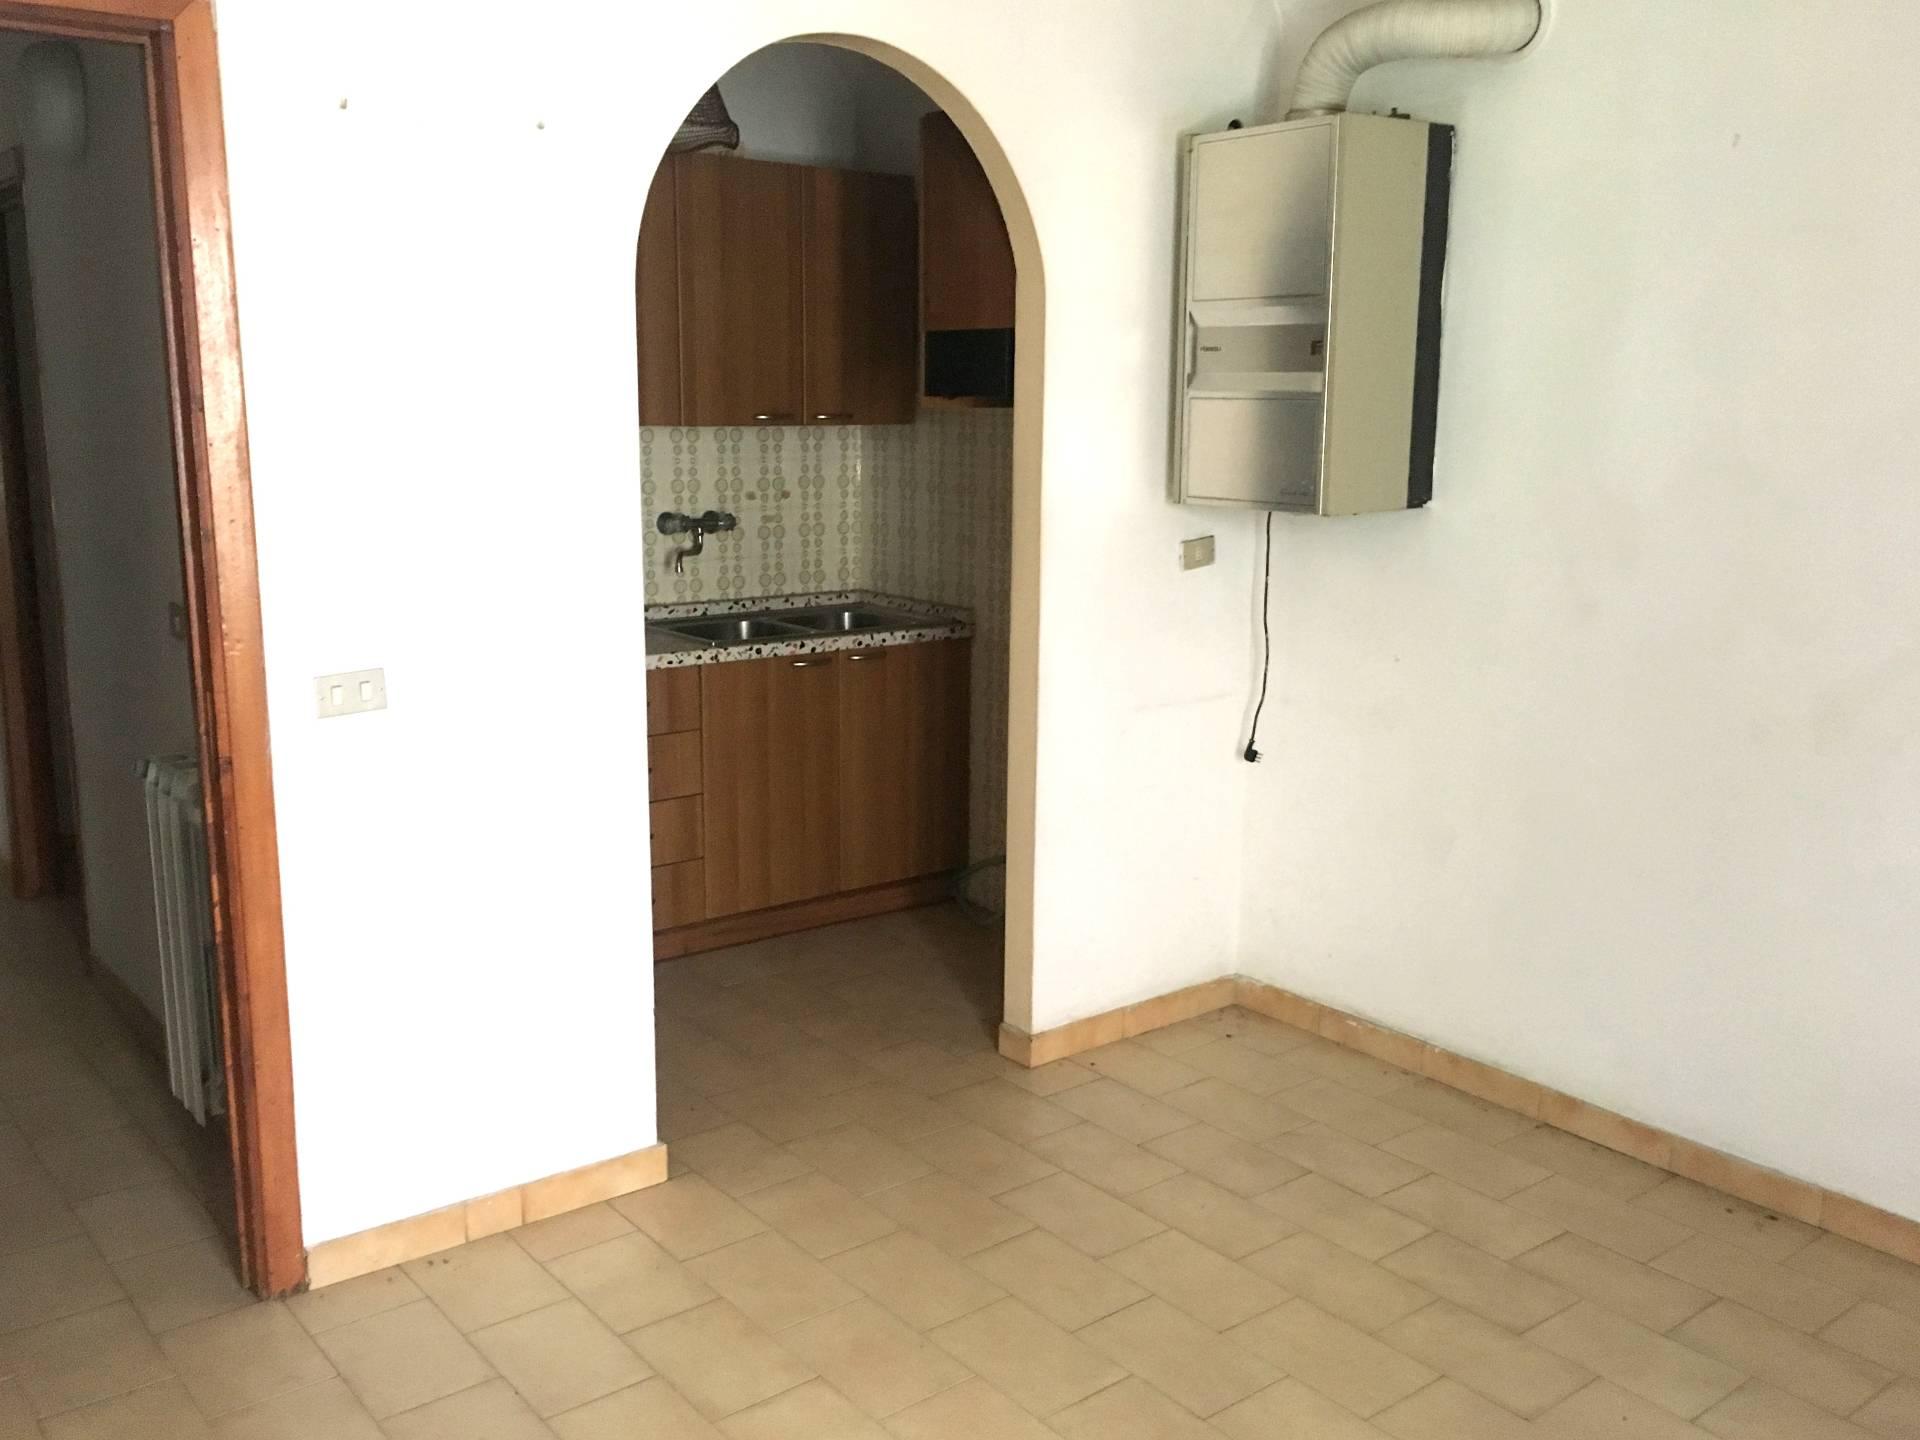 Appartamento in vendita a Millesimo, 4 locali, prezzo € 45.000 | PortaleAgenzieImmobiliari.it